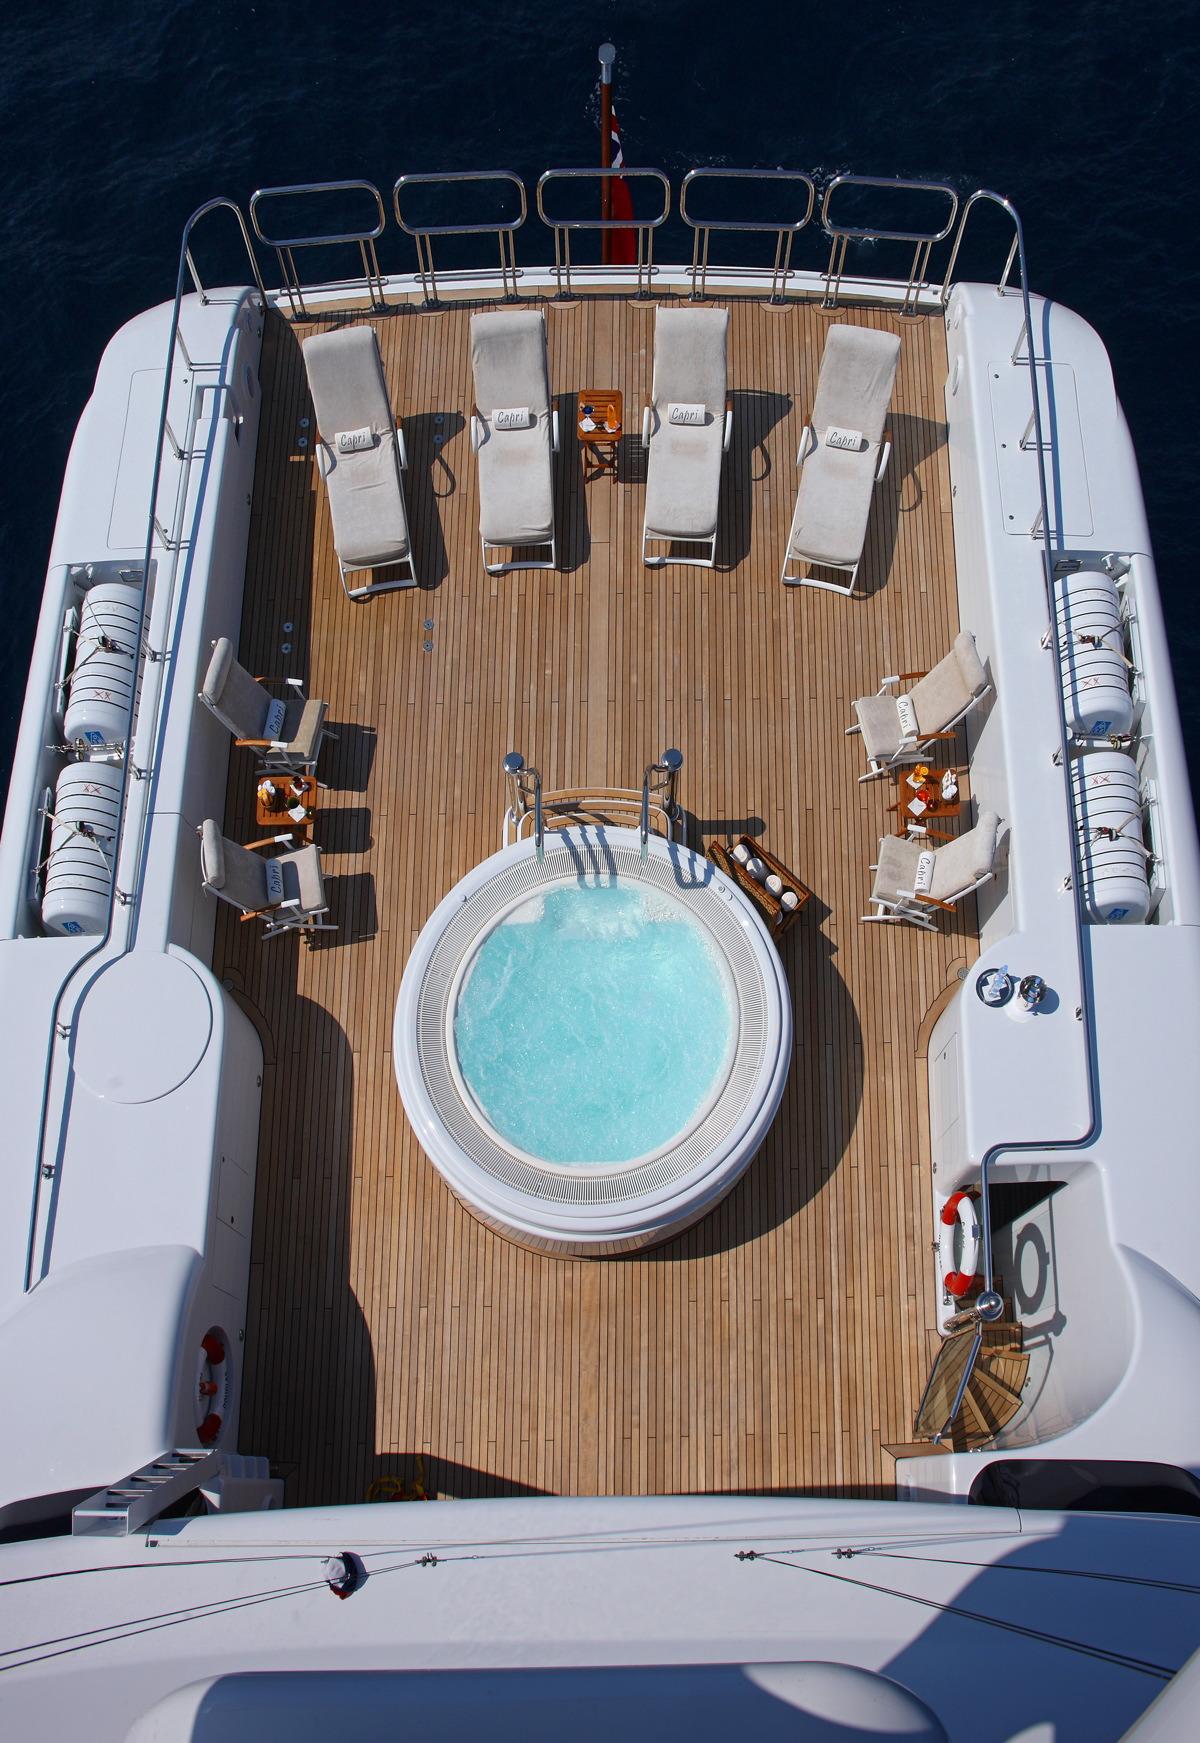 Capri luxury yacht charter